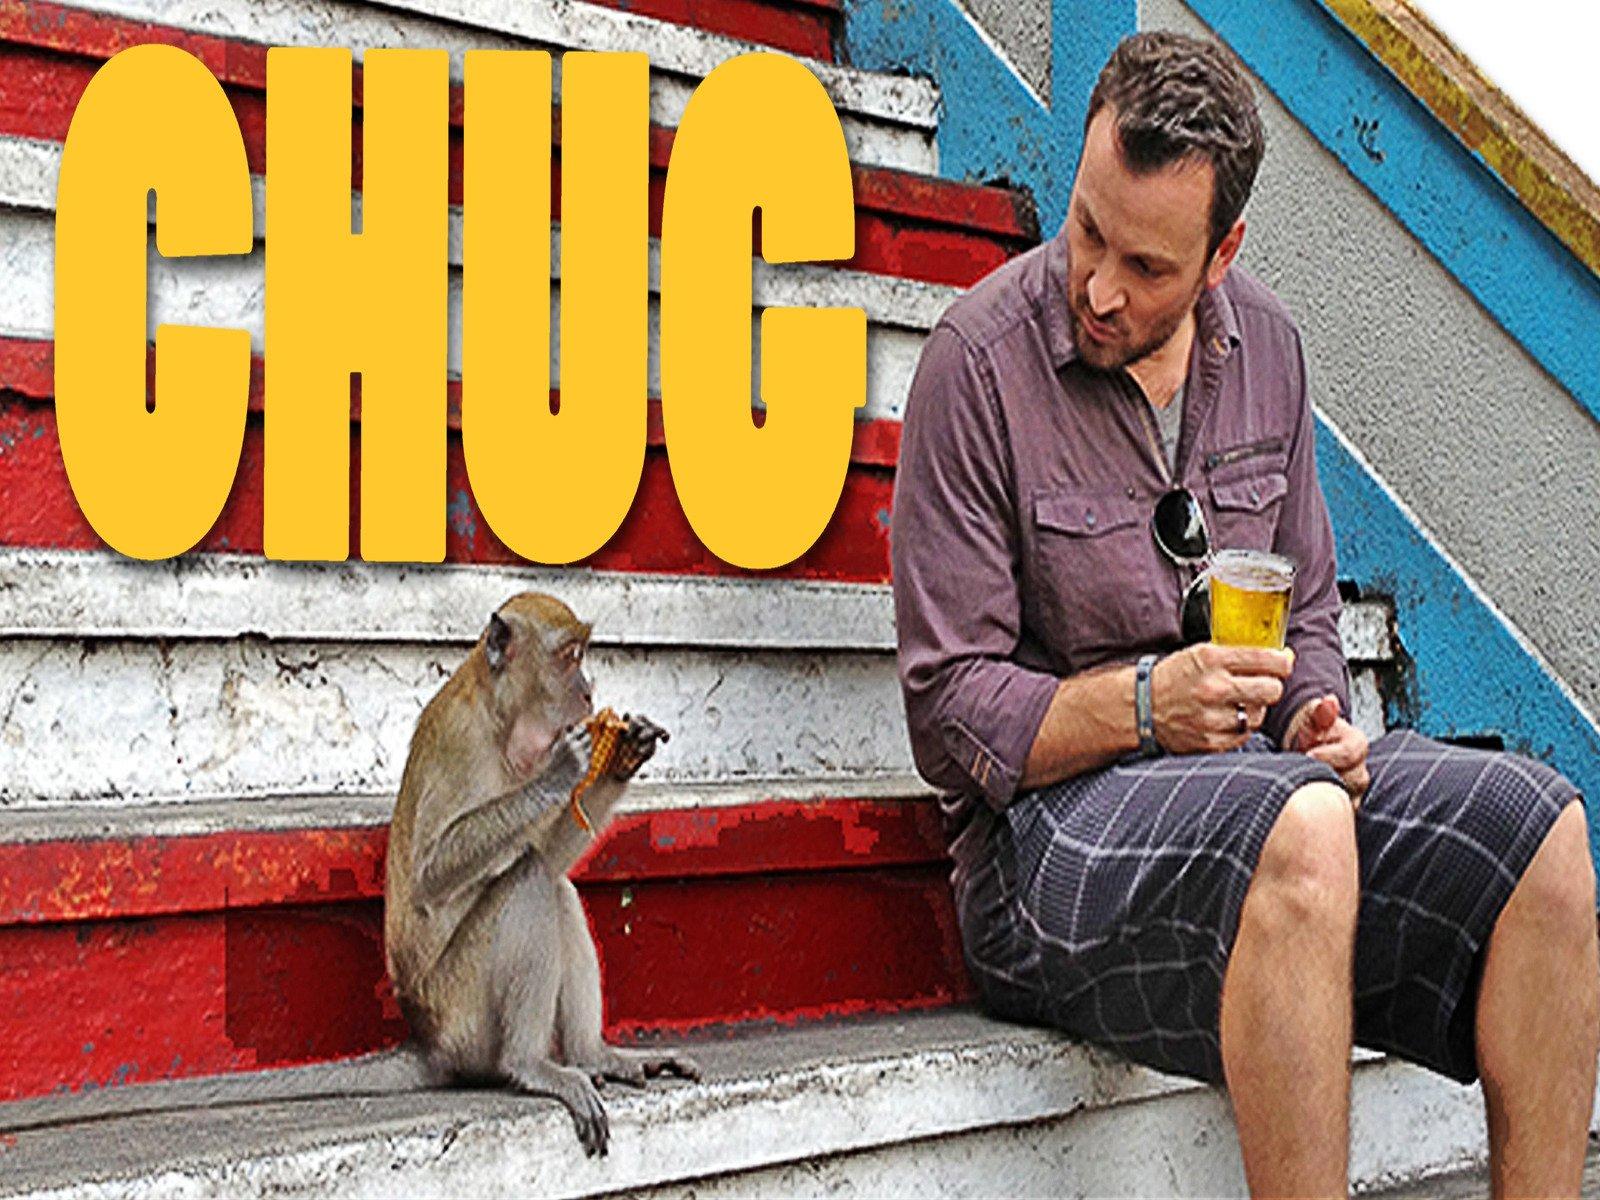 Chug - Season 1